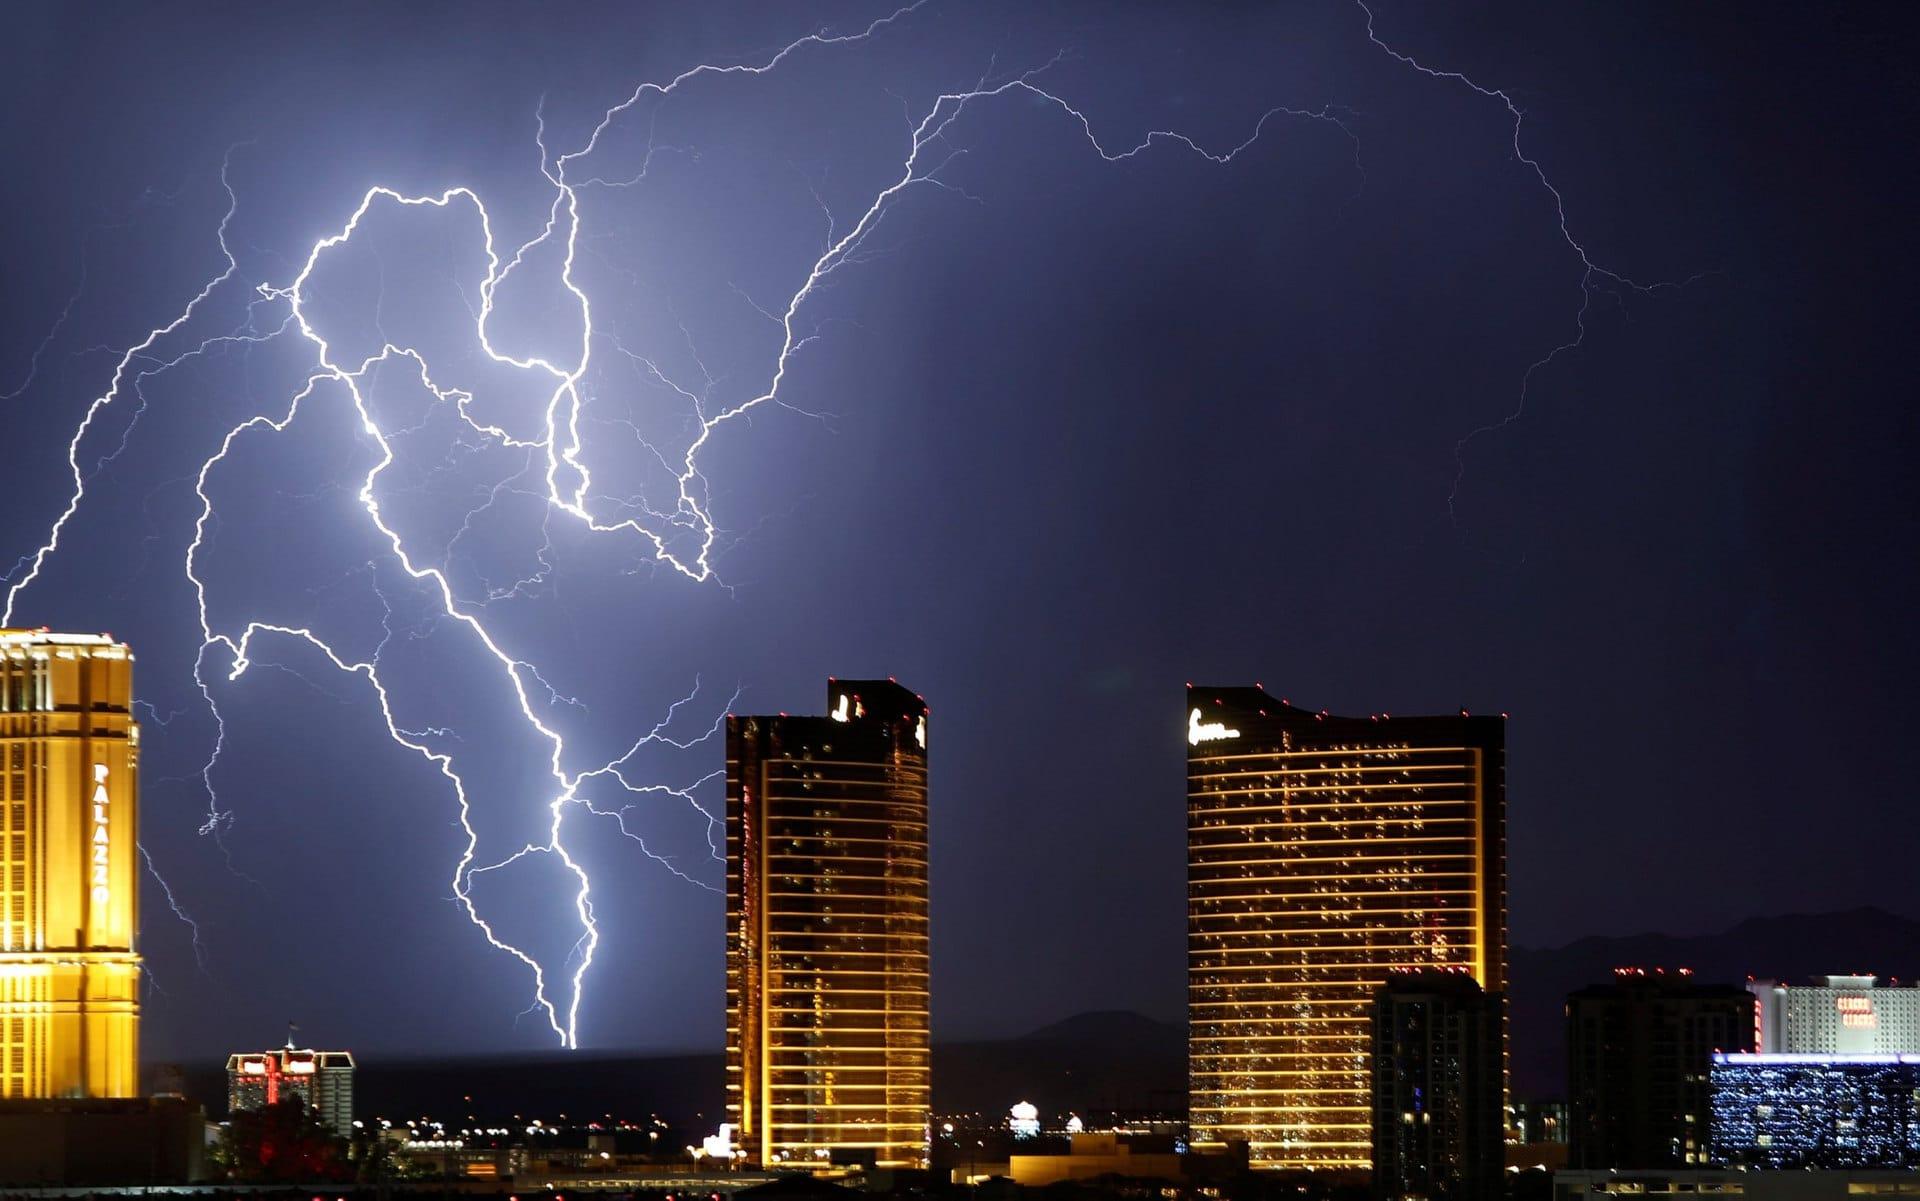 Alcuni fulmini si infrangono al suolo sullo sfondo dei casino di Las Vegas sulla famosa Las Vegas Strip, il viale che ospita le maggiori case d'azzardo della città